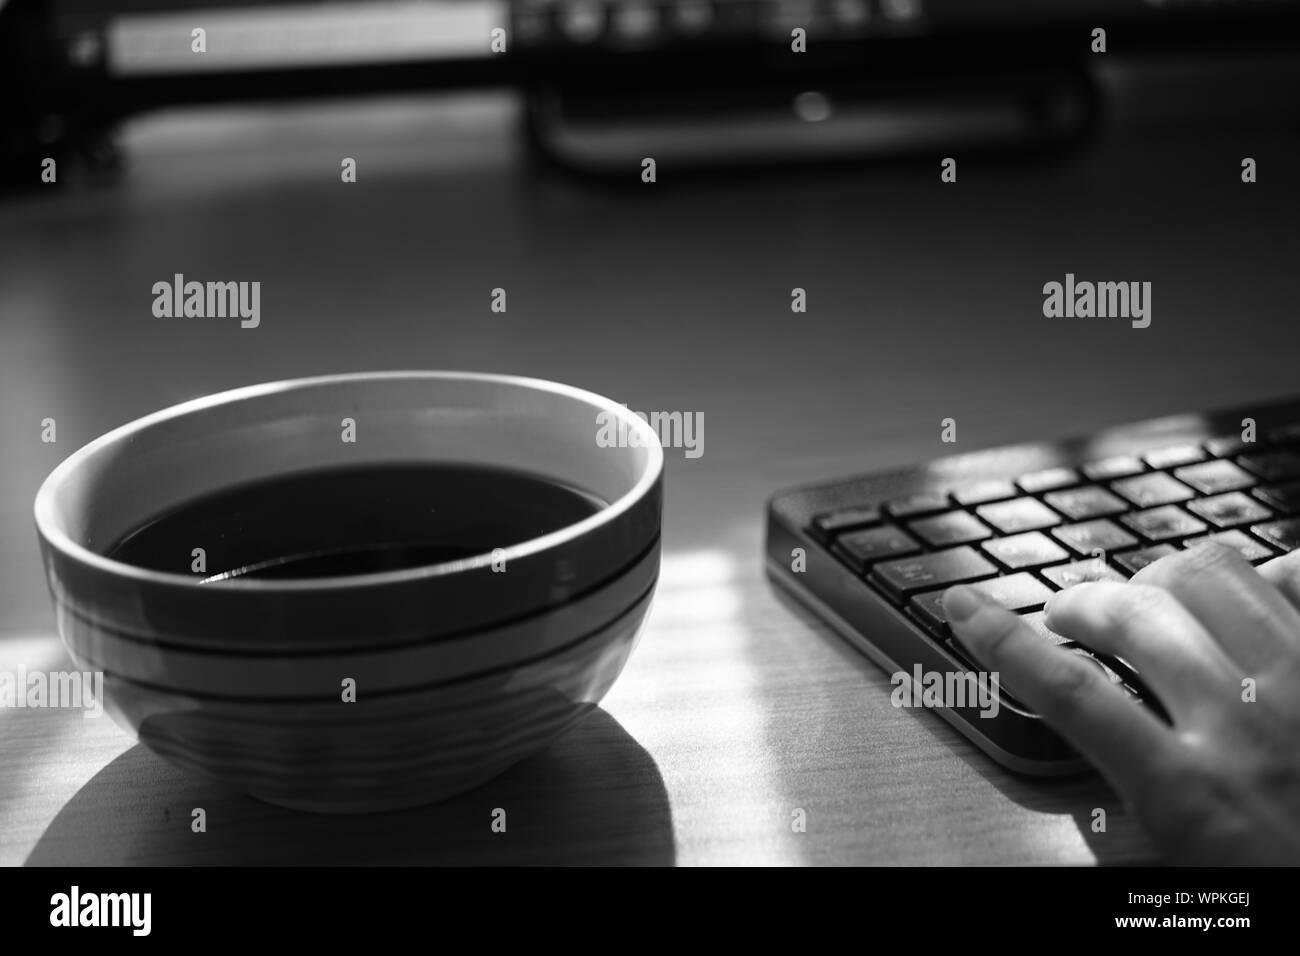 Travail indépendant avec tasse de thé et le clavier sur la table, de l'environnement de travail, selective focus, photo en noir et blanc. Banque D'Images